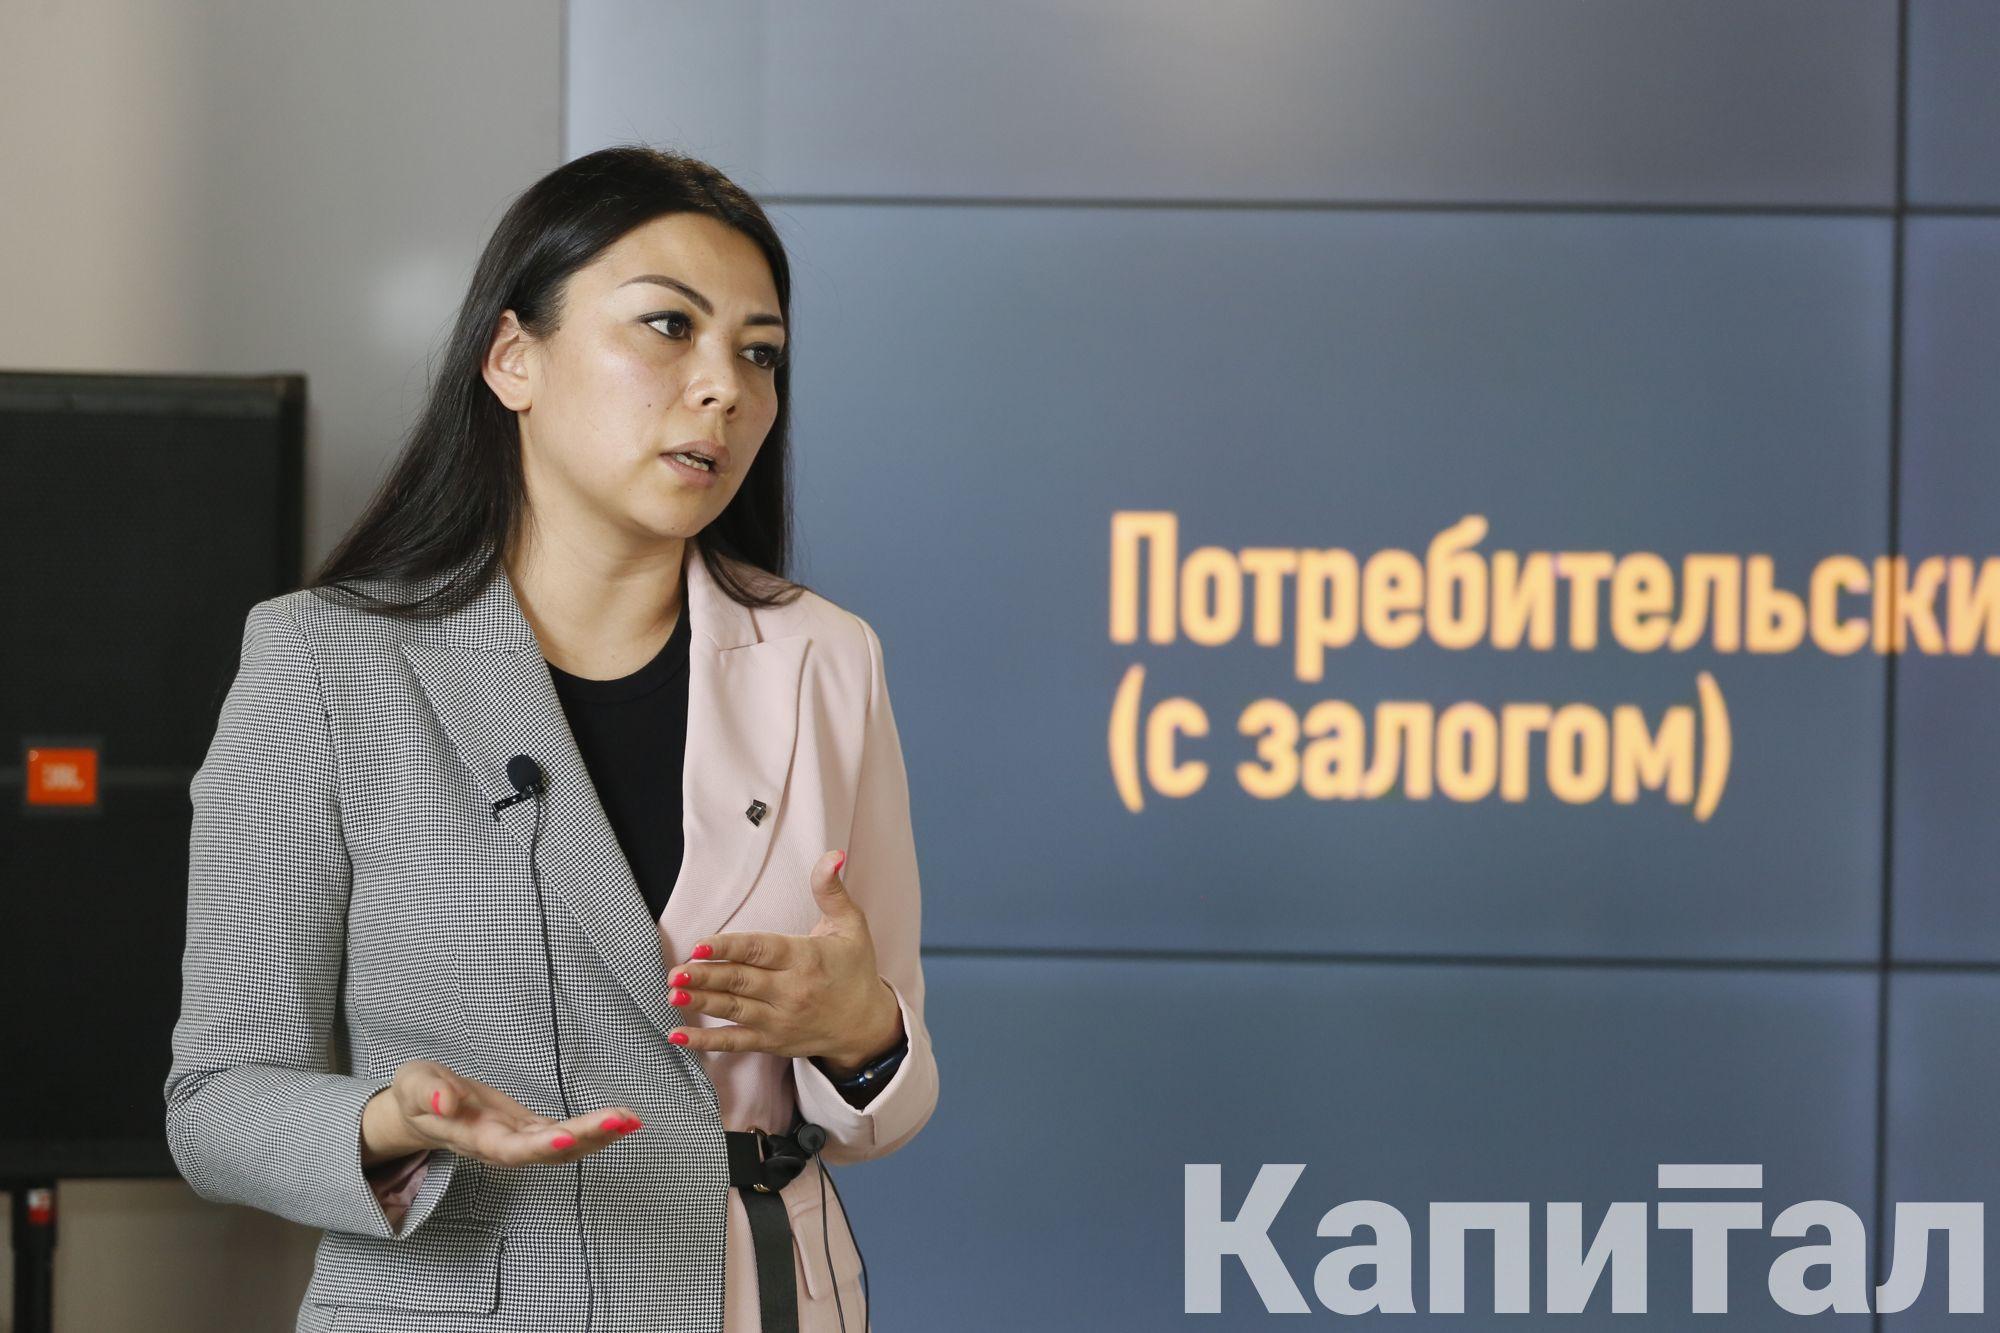 Розничное кредитование перешло к умеренному росту 626811 - Kapital.kz